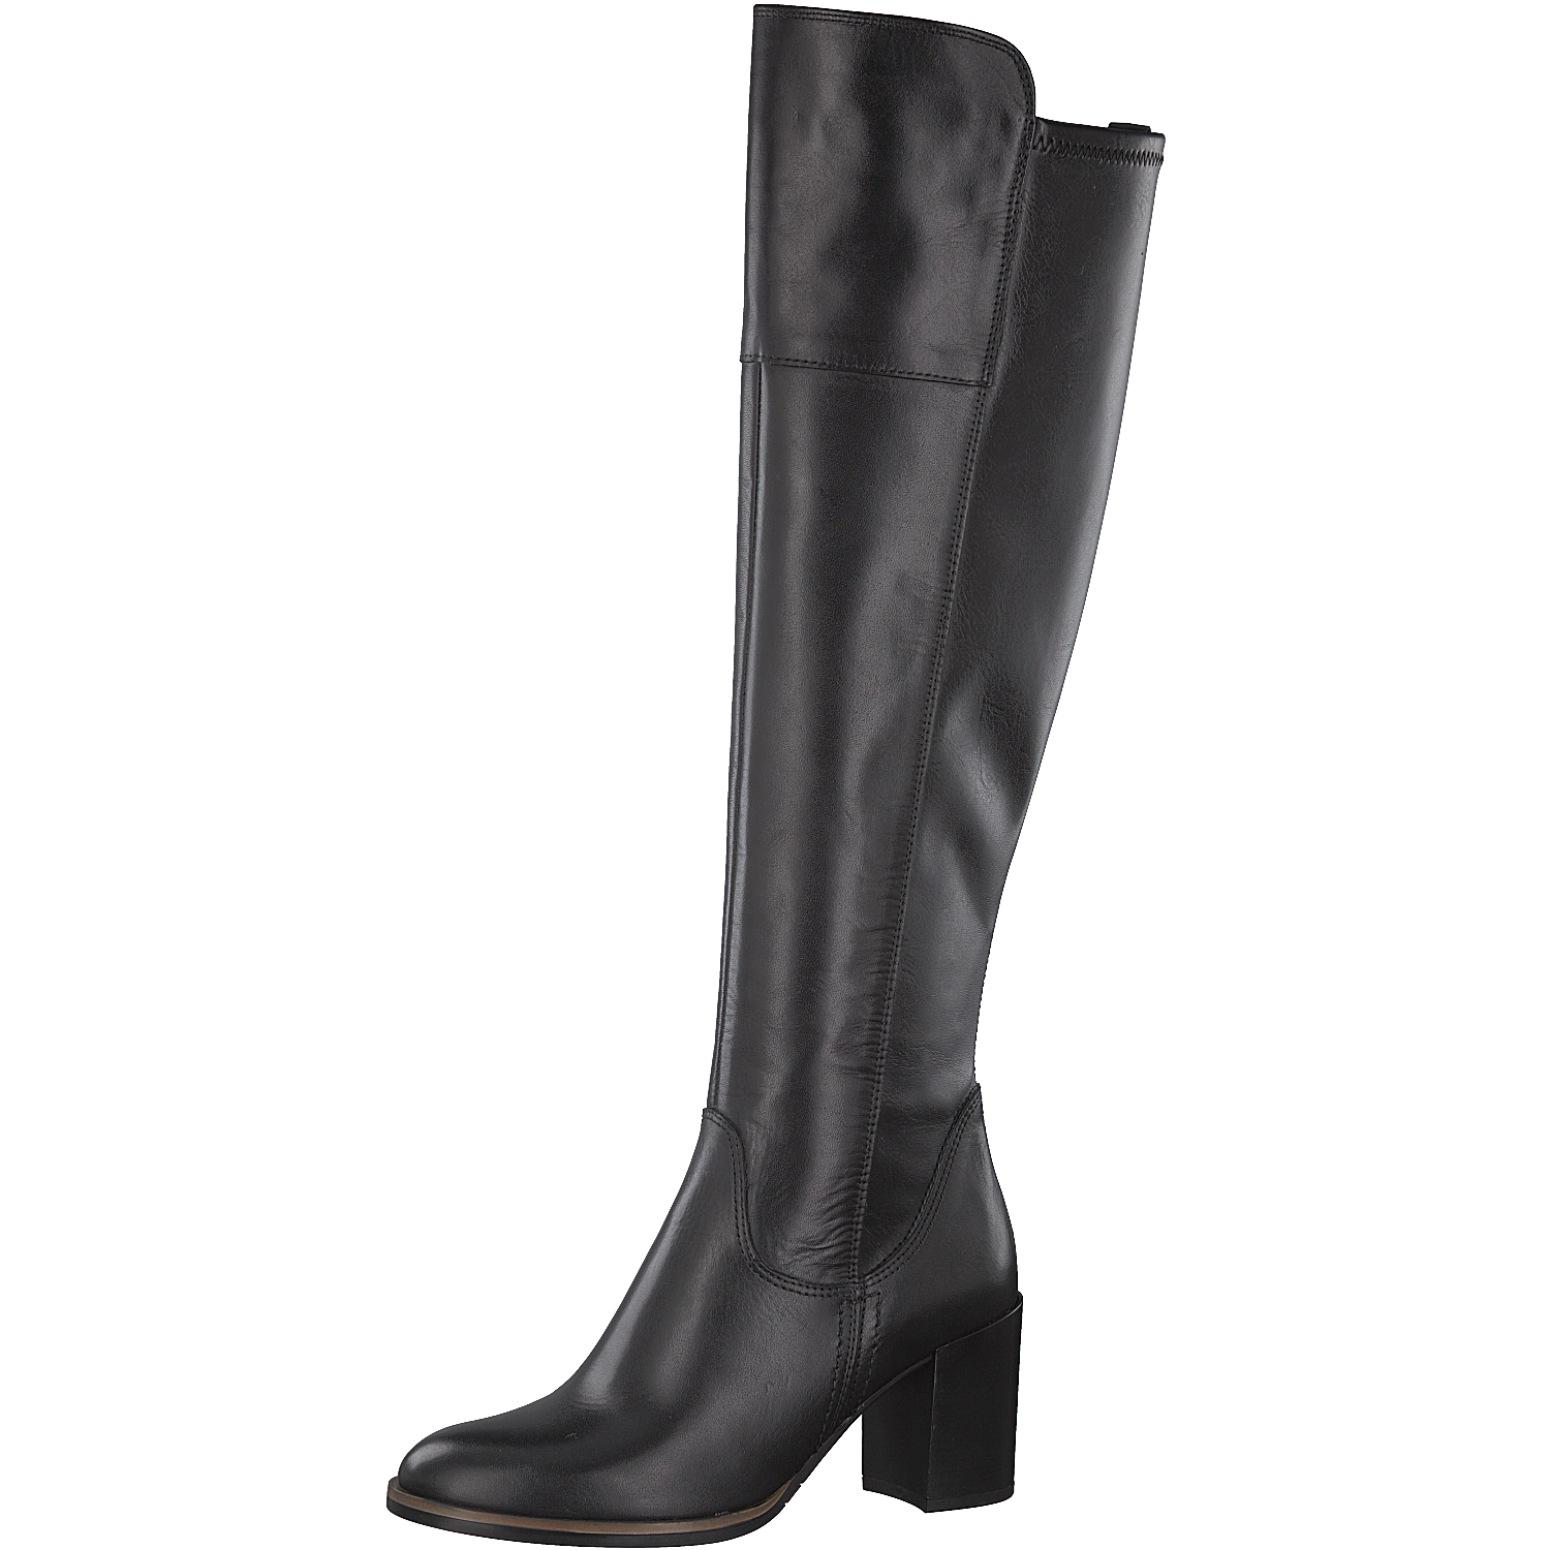 d5c3eb5c2cac4 TAMARIS 1-1-25533-29-29 007 dámske kožené čižmy   SecretShoes.sk